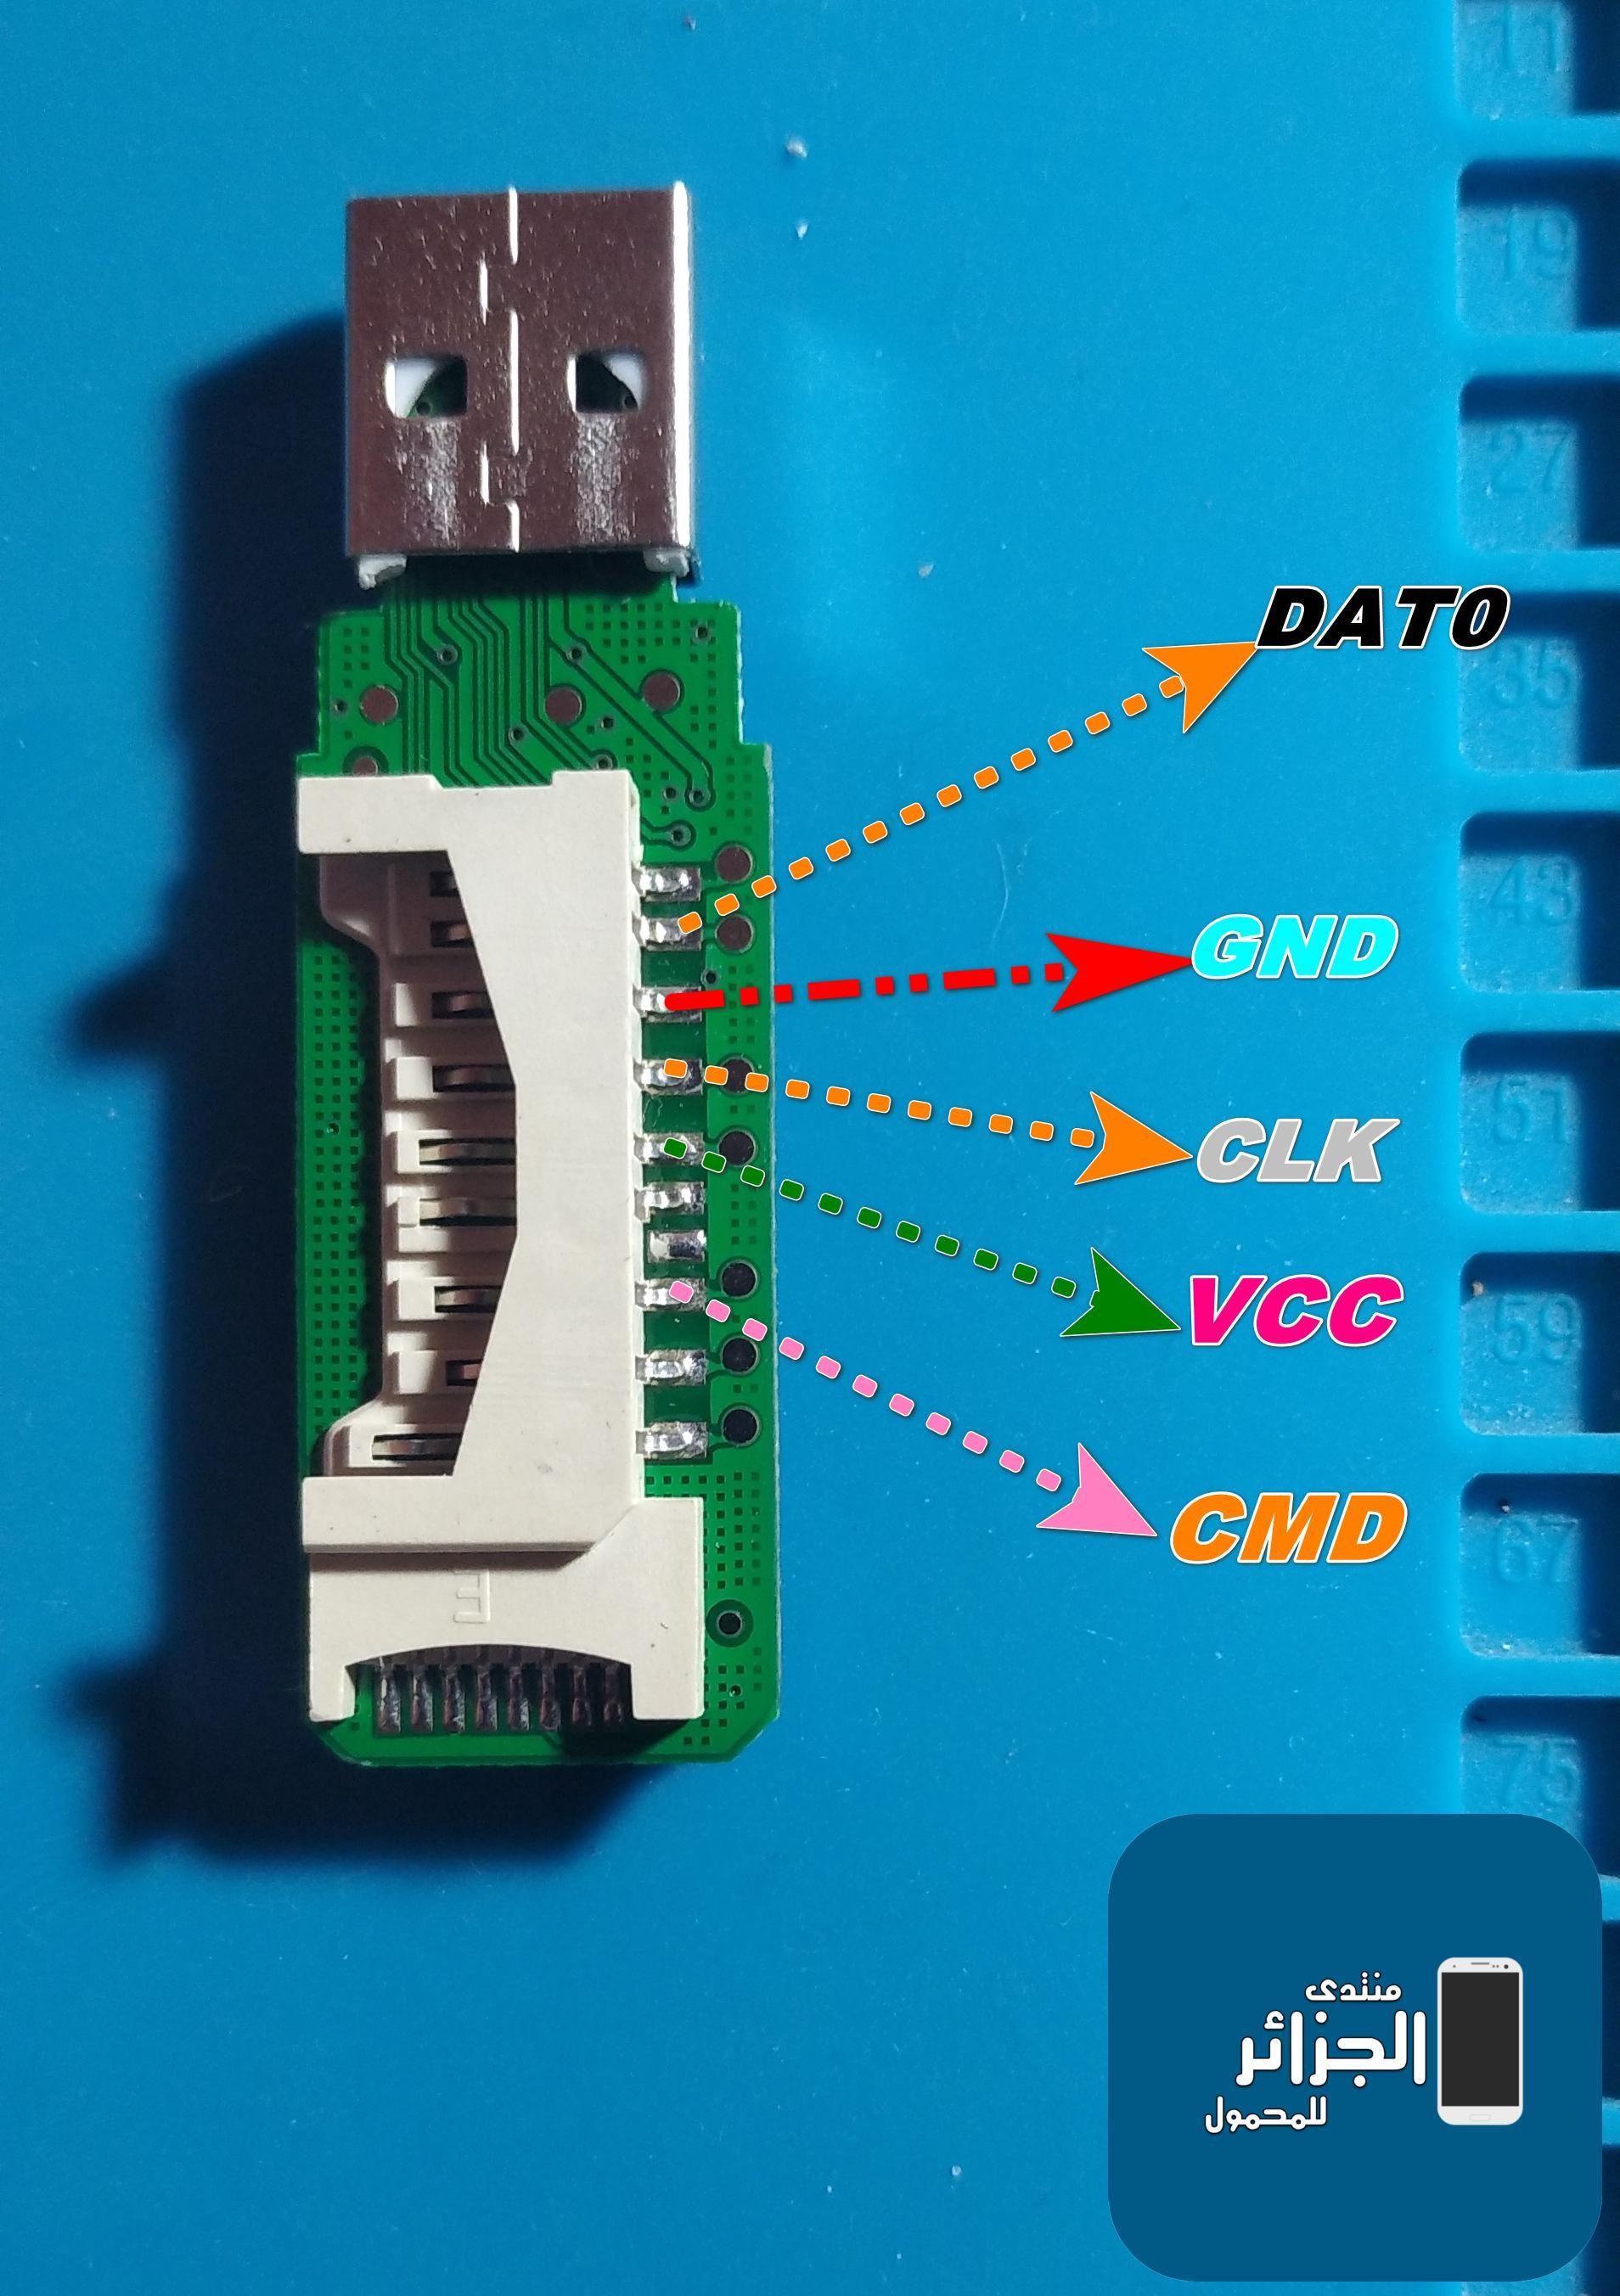 طريقة توصيل ISP  لتعامل مع واجهة Ultimate EMMC Tool